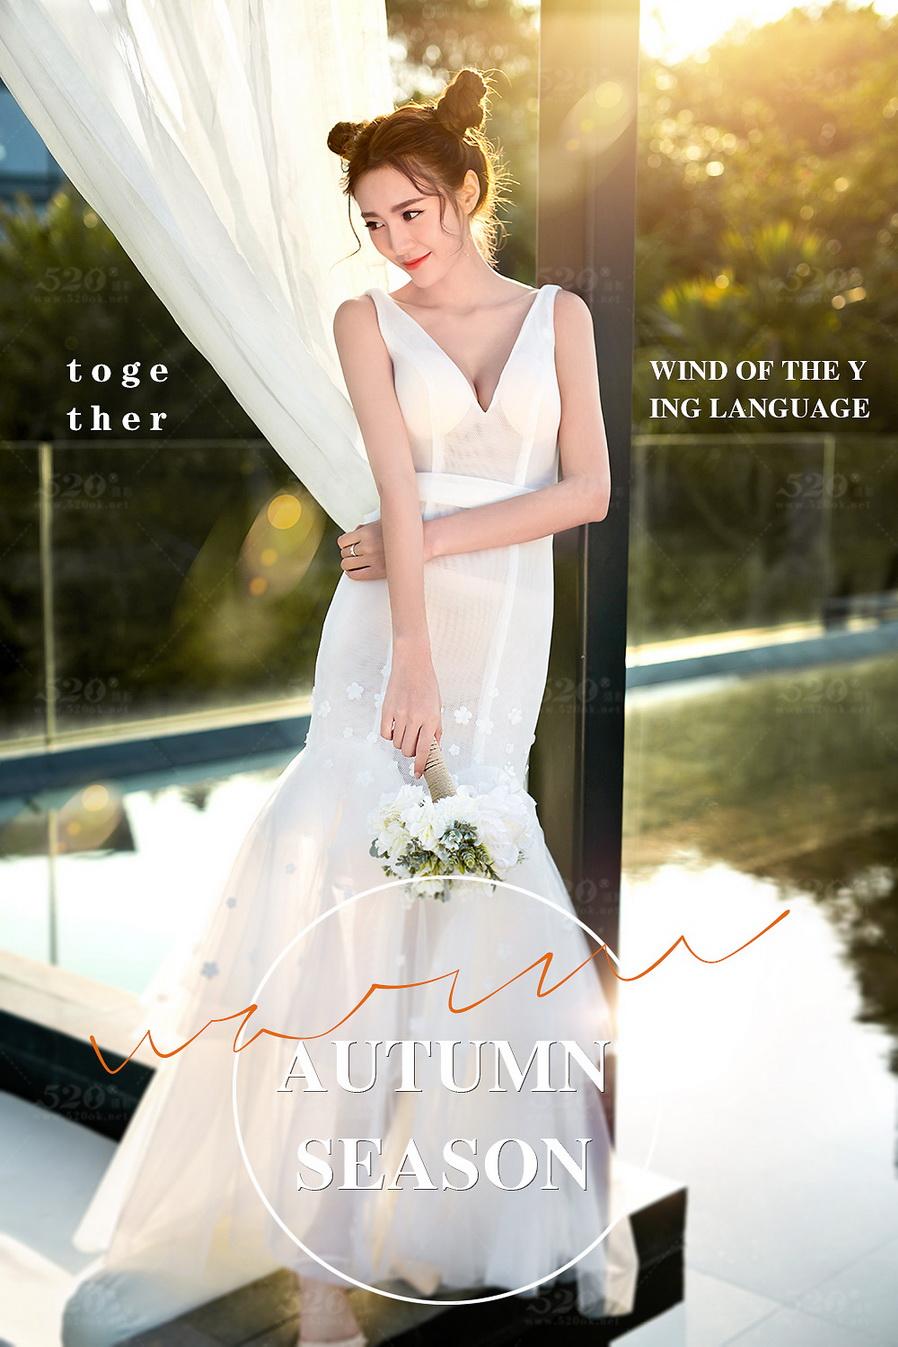 深圳哪家摄影工作室拍的好?哪家拍的婚纱照好看?